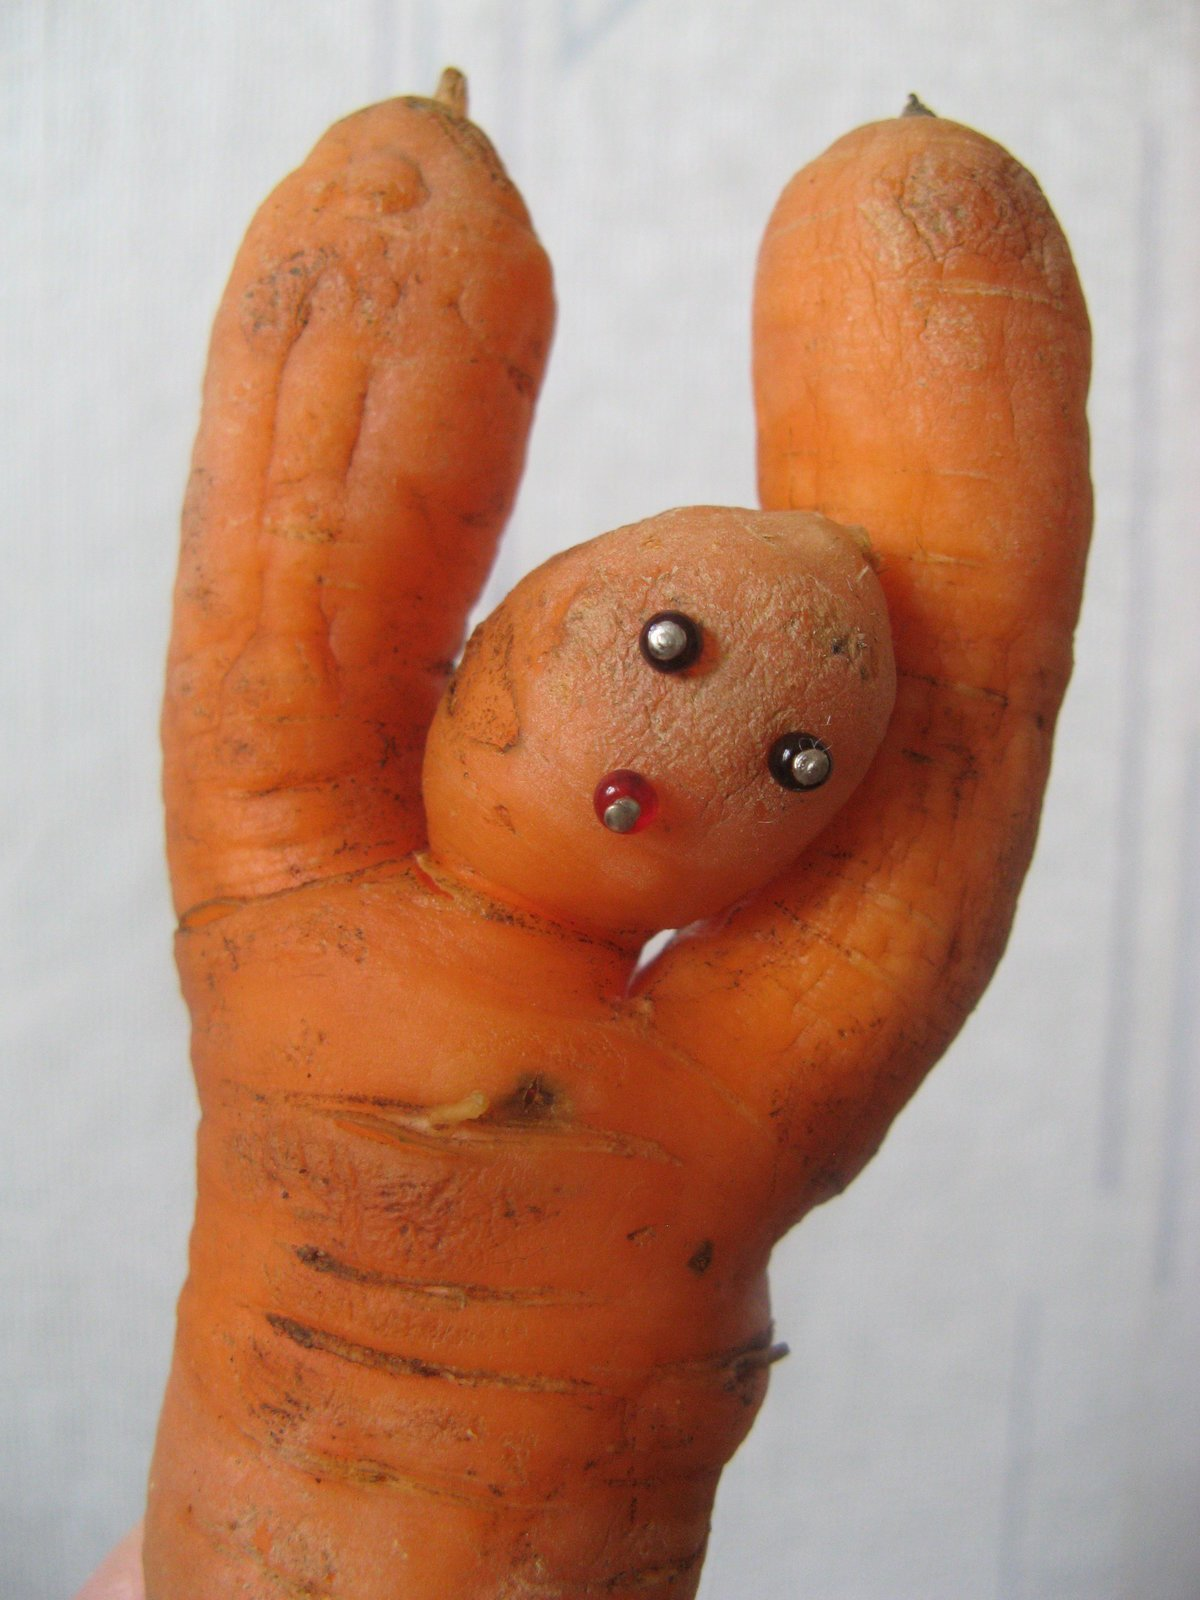 забавные овощи фото назвать как-нибудь